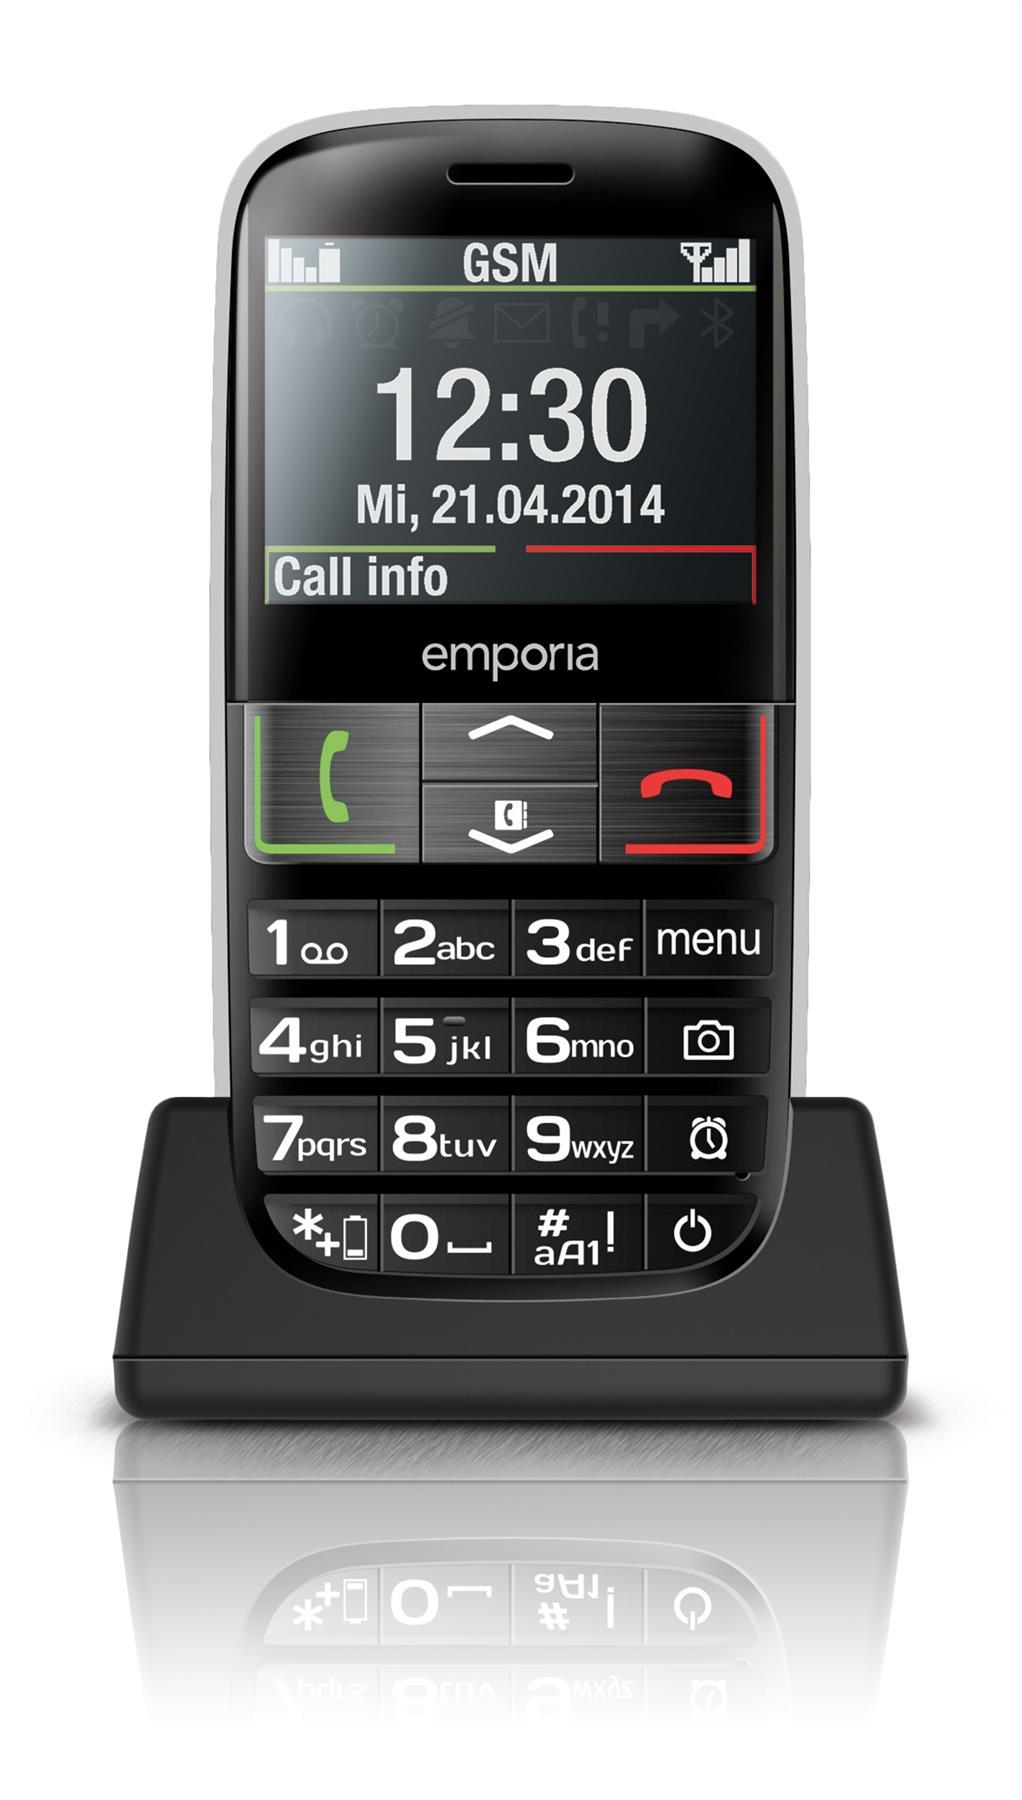 Gsm telefon GSM EMPORIA EUPHORIA EMPORIA